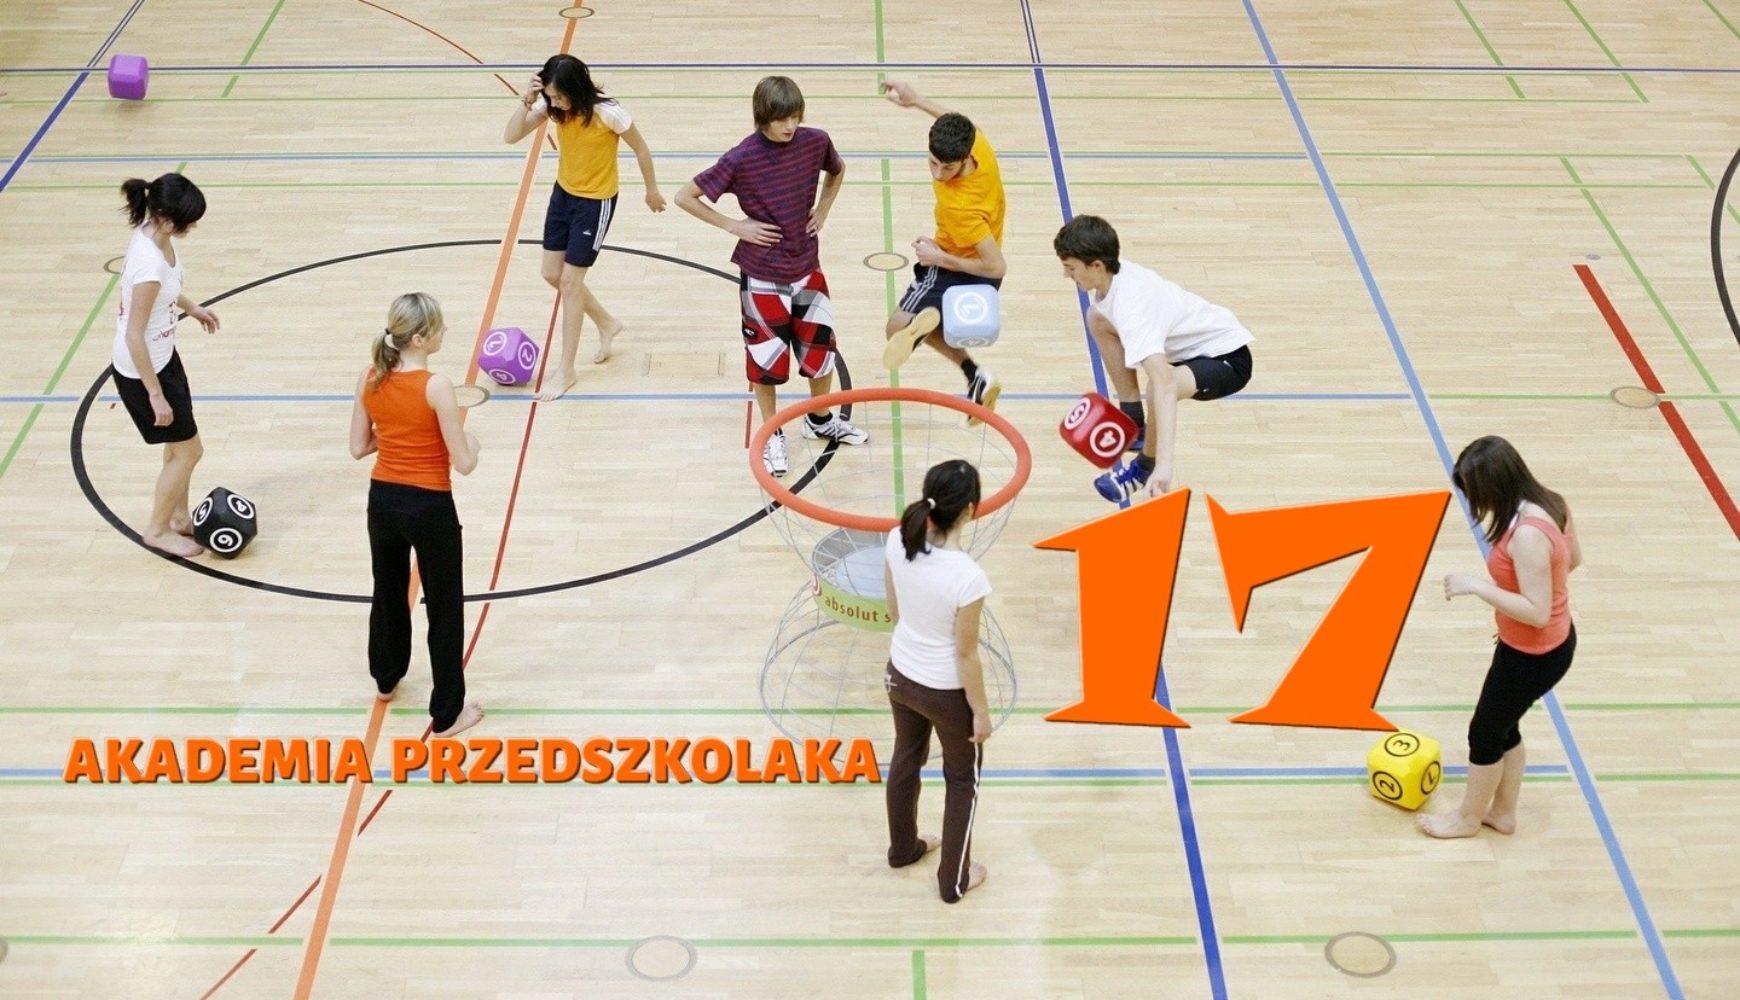 Ćwiczenia domowe – 17 – Akademia Przedszkolaka